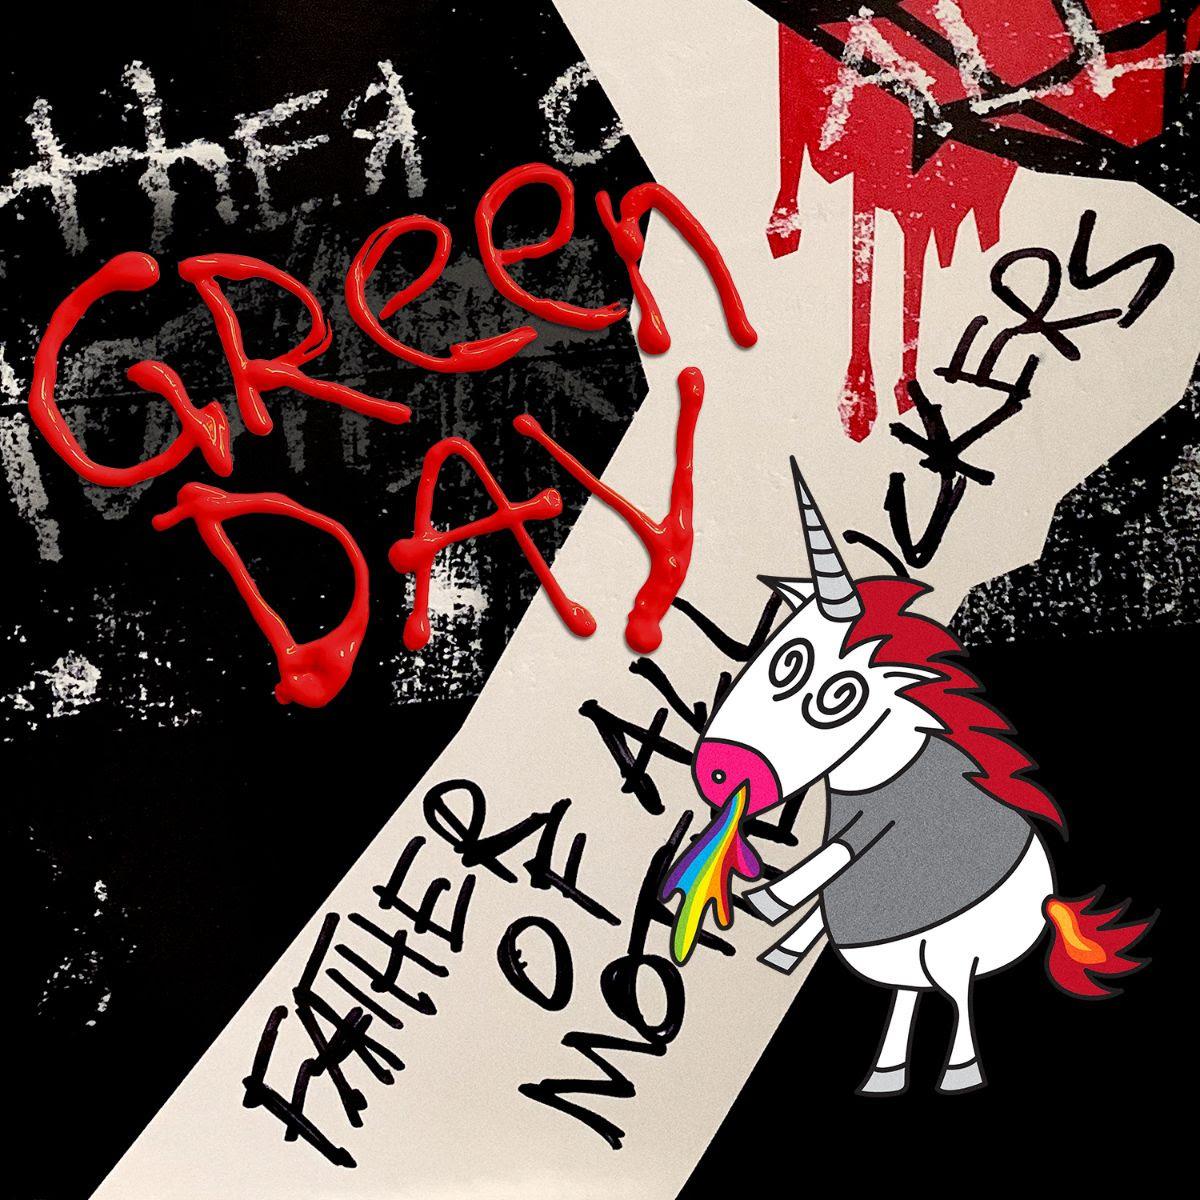 GREEN DAY estrena nuevo single 'Father Of All…' y anuncia nuevo álbum